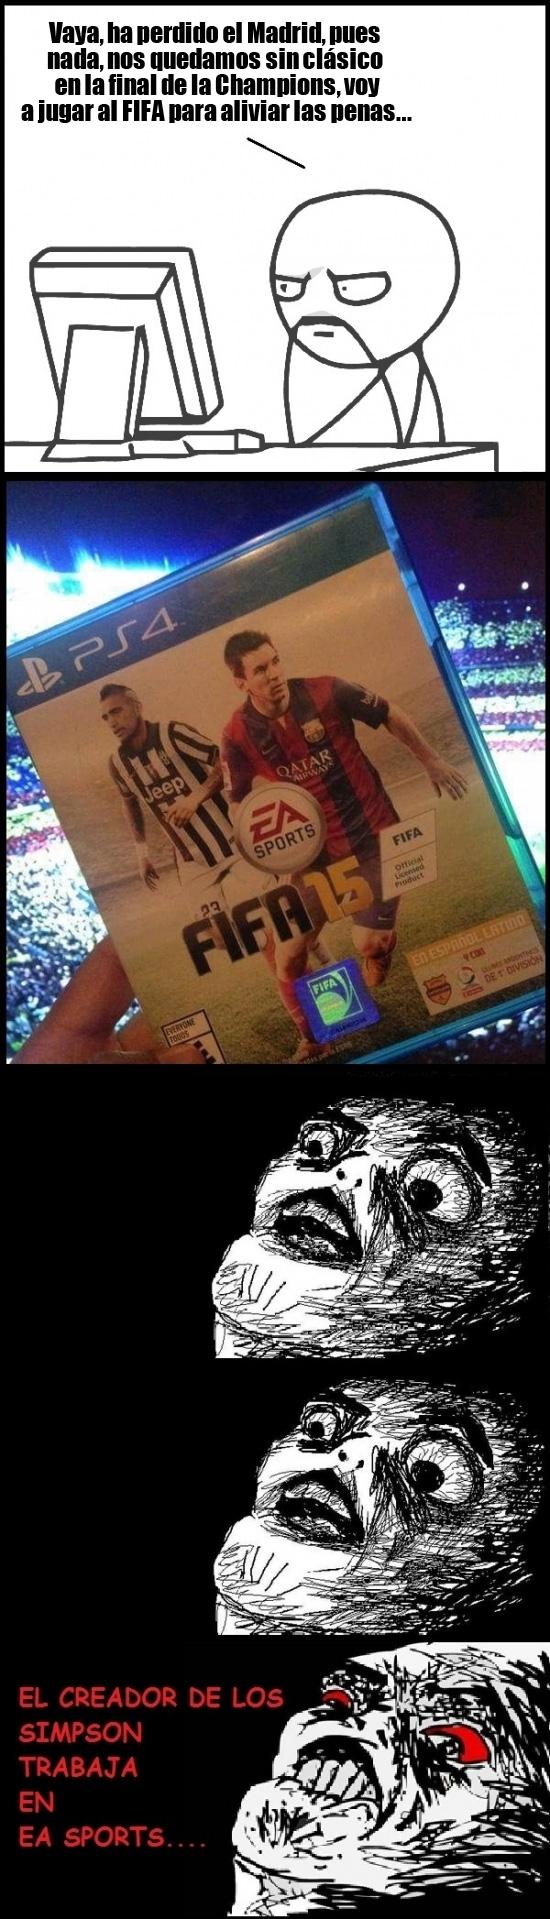 Inglip - Los creadores del FIFA 15 lo sabían